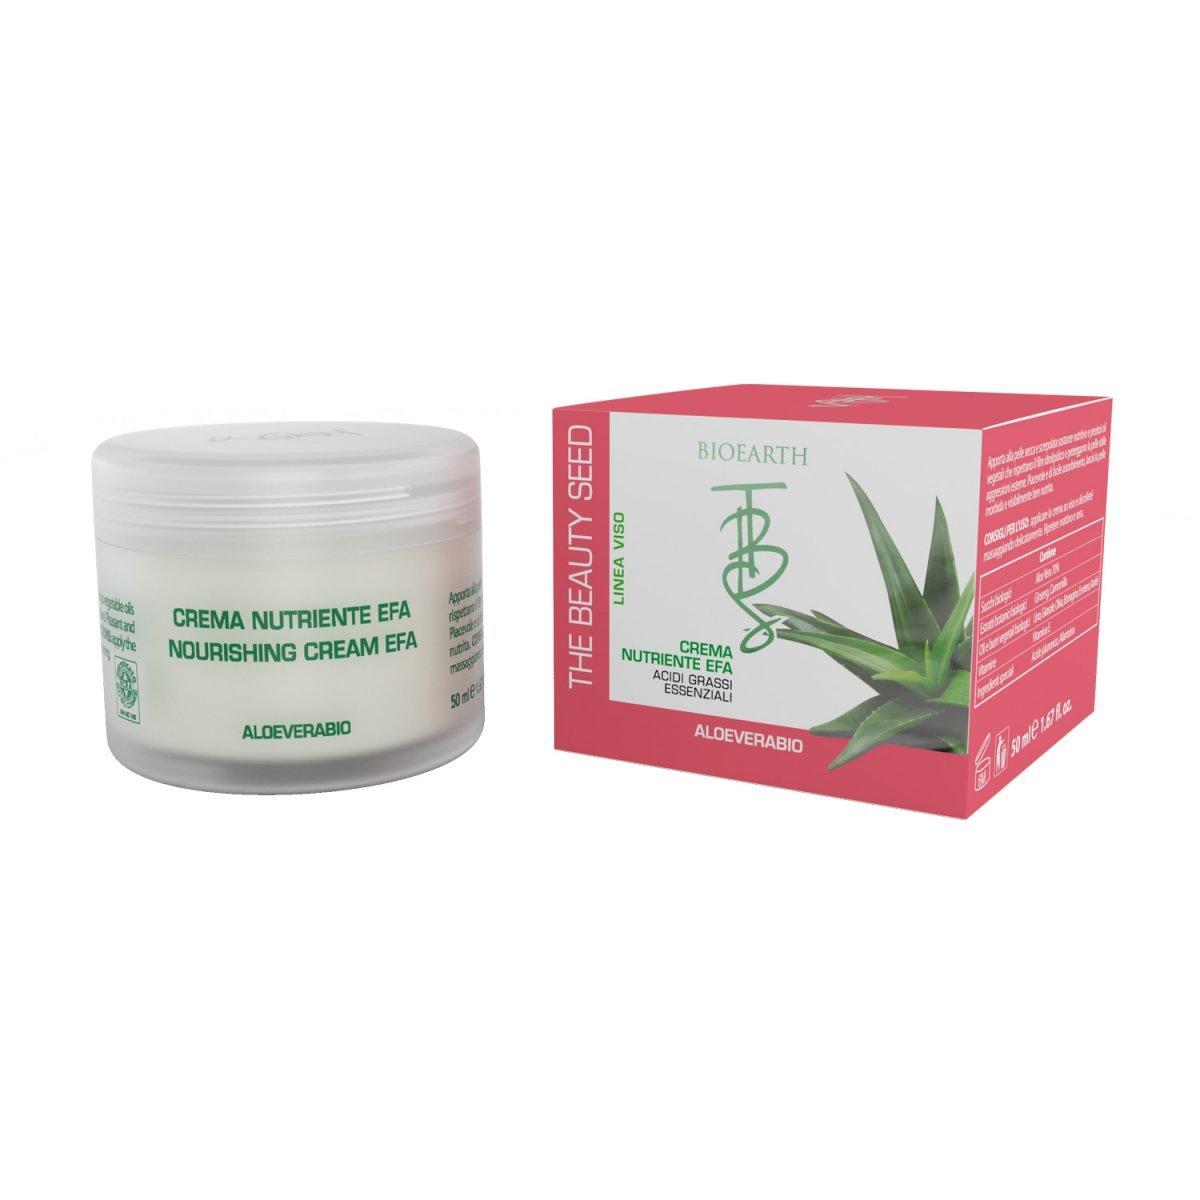 TBS Crema nutriente EFA con Aloe per pelli secche